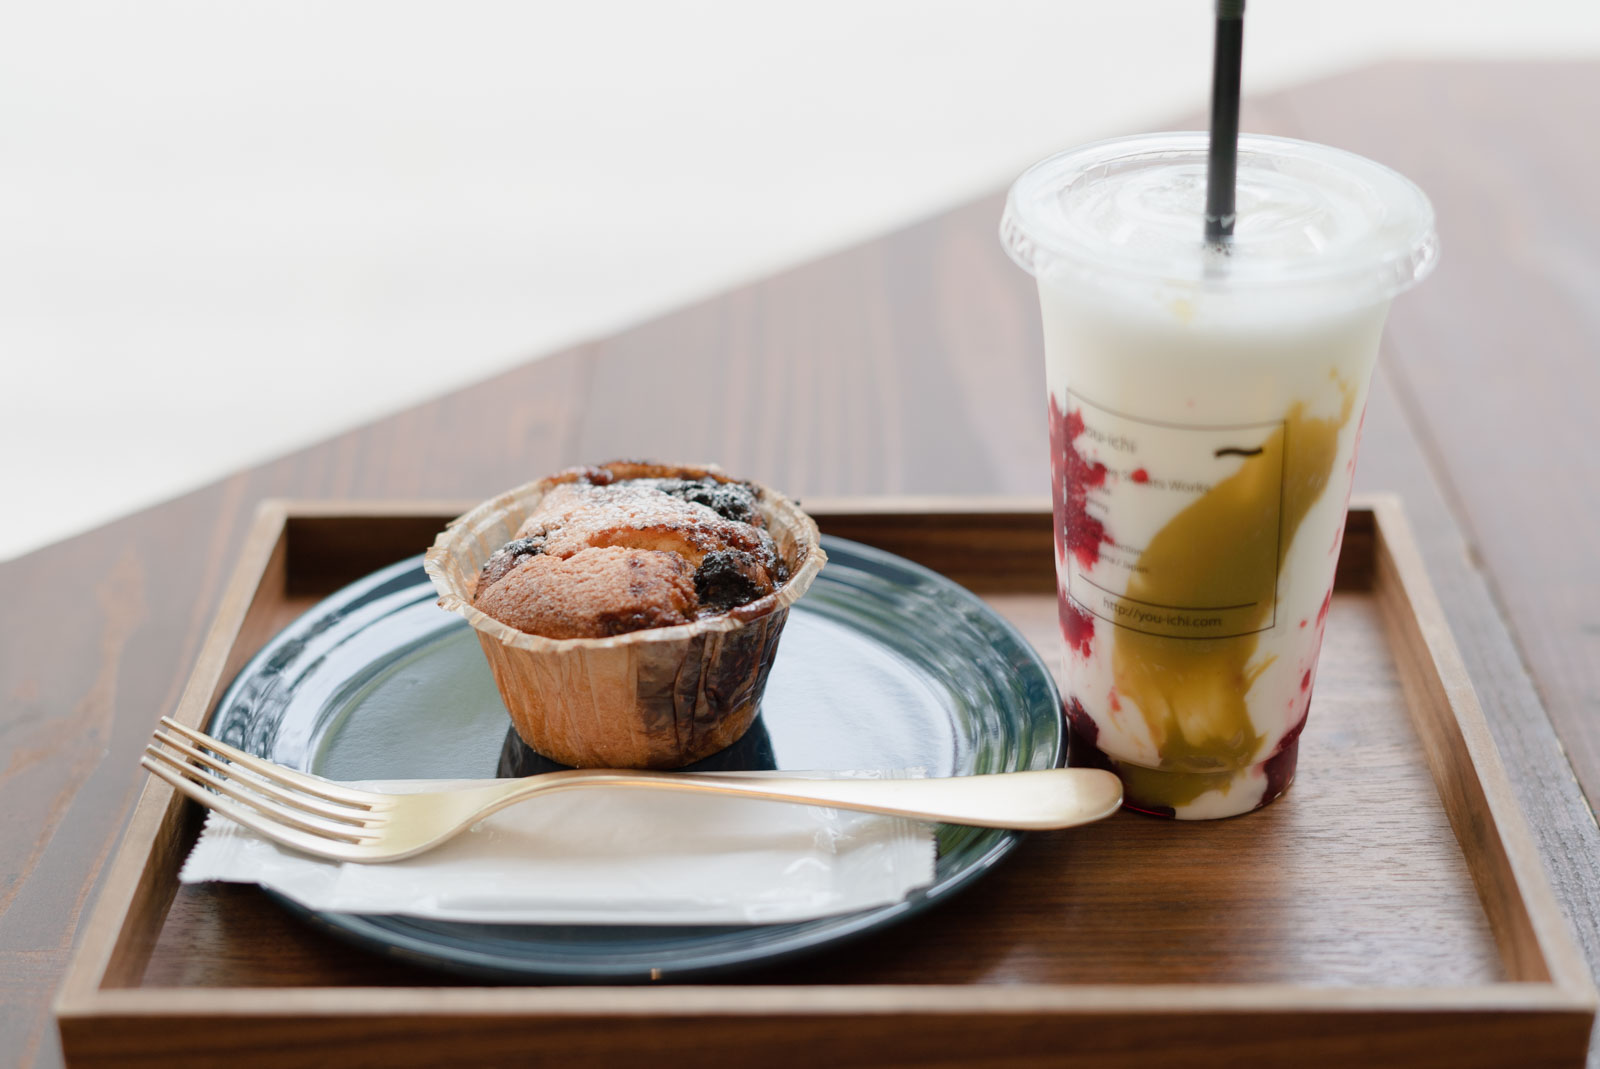 ヨーグルトラッシーとカップケーキ